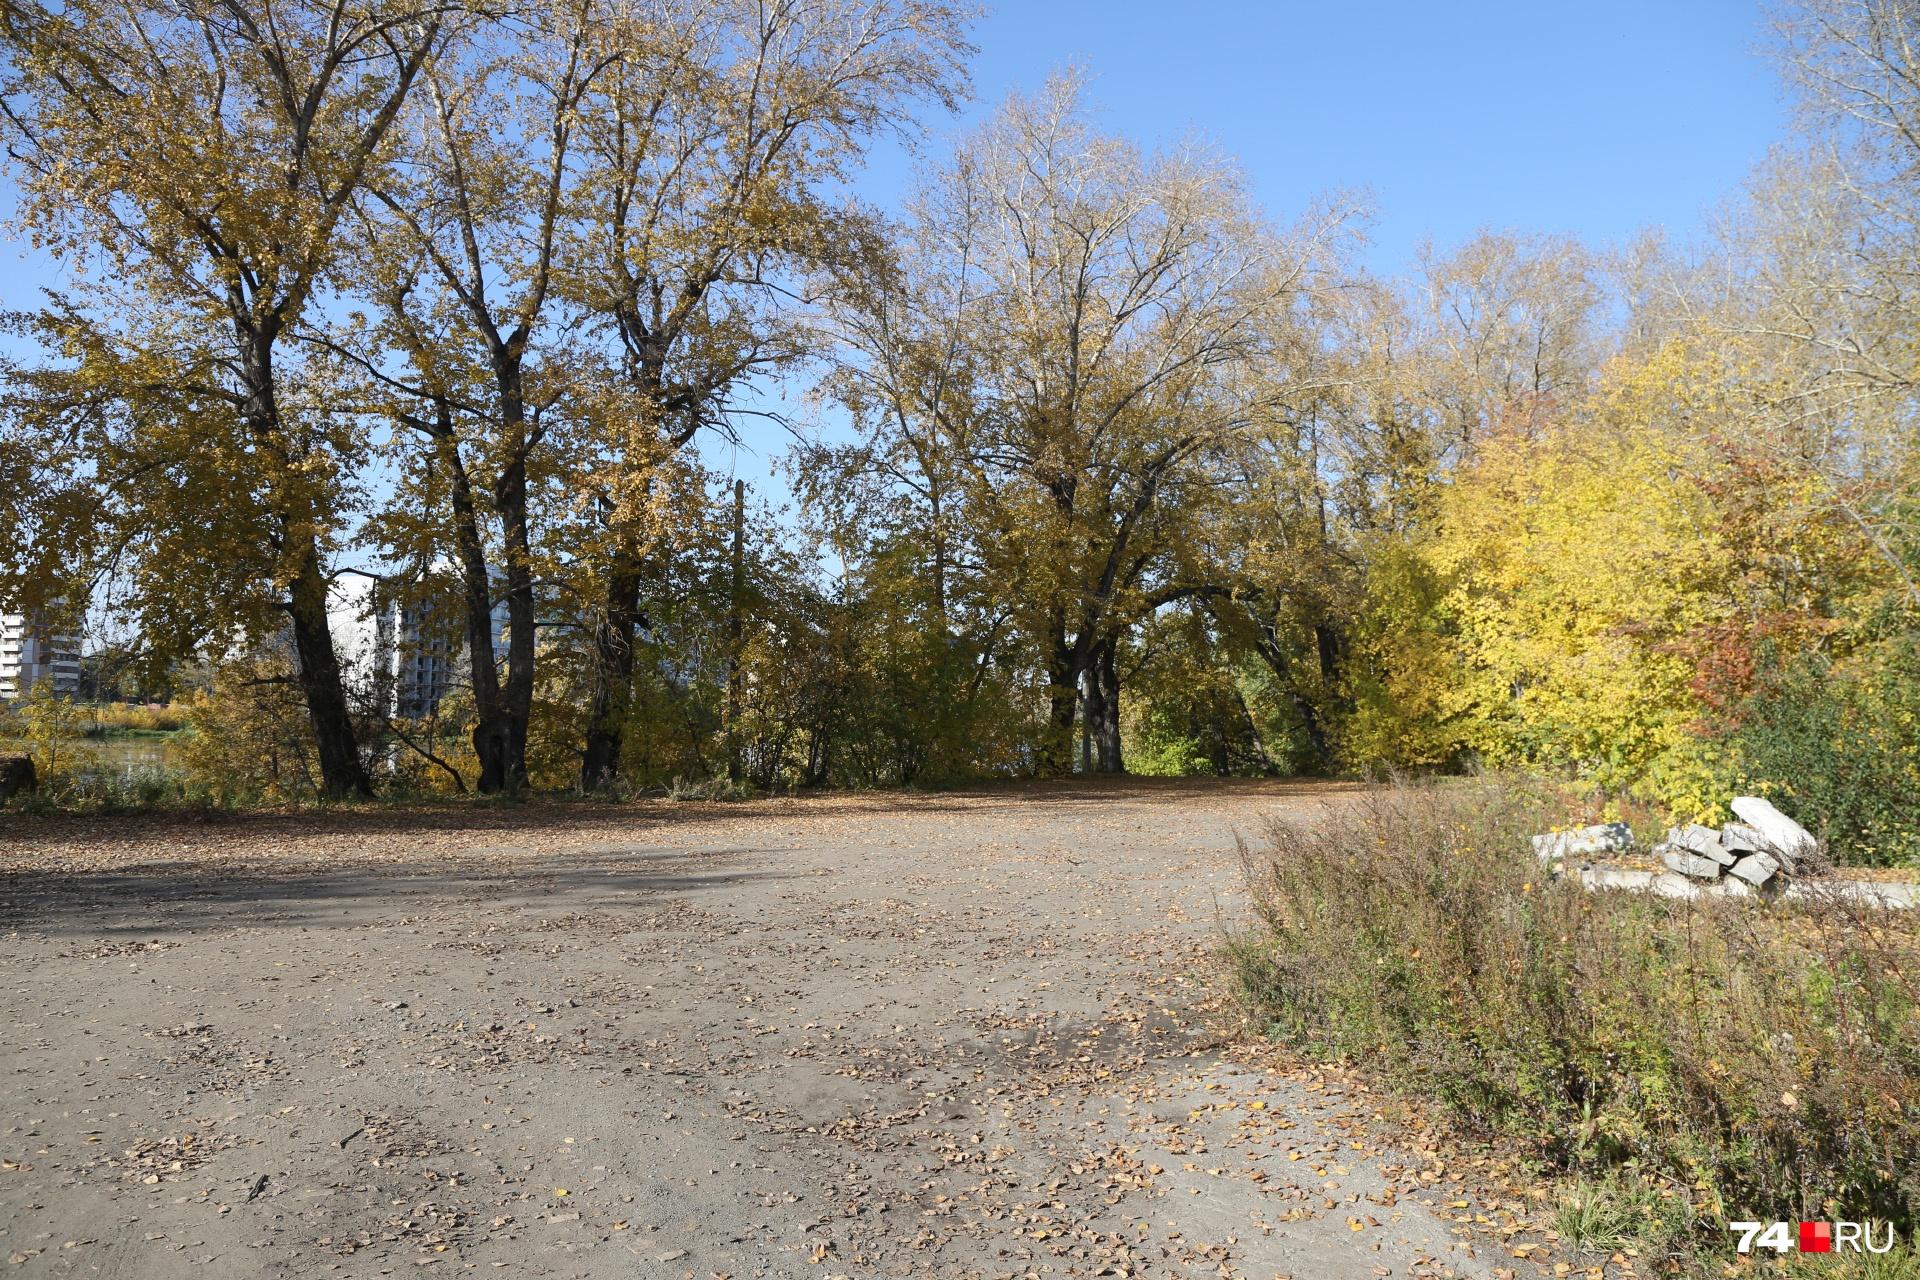 Новый сквер-парк появится за бассейном «Ариант» — в сторону проспекта Победы